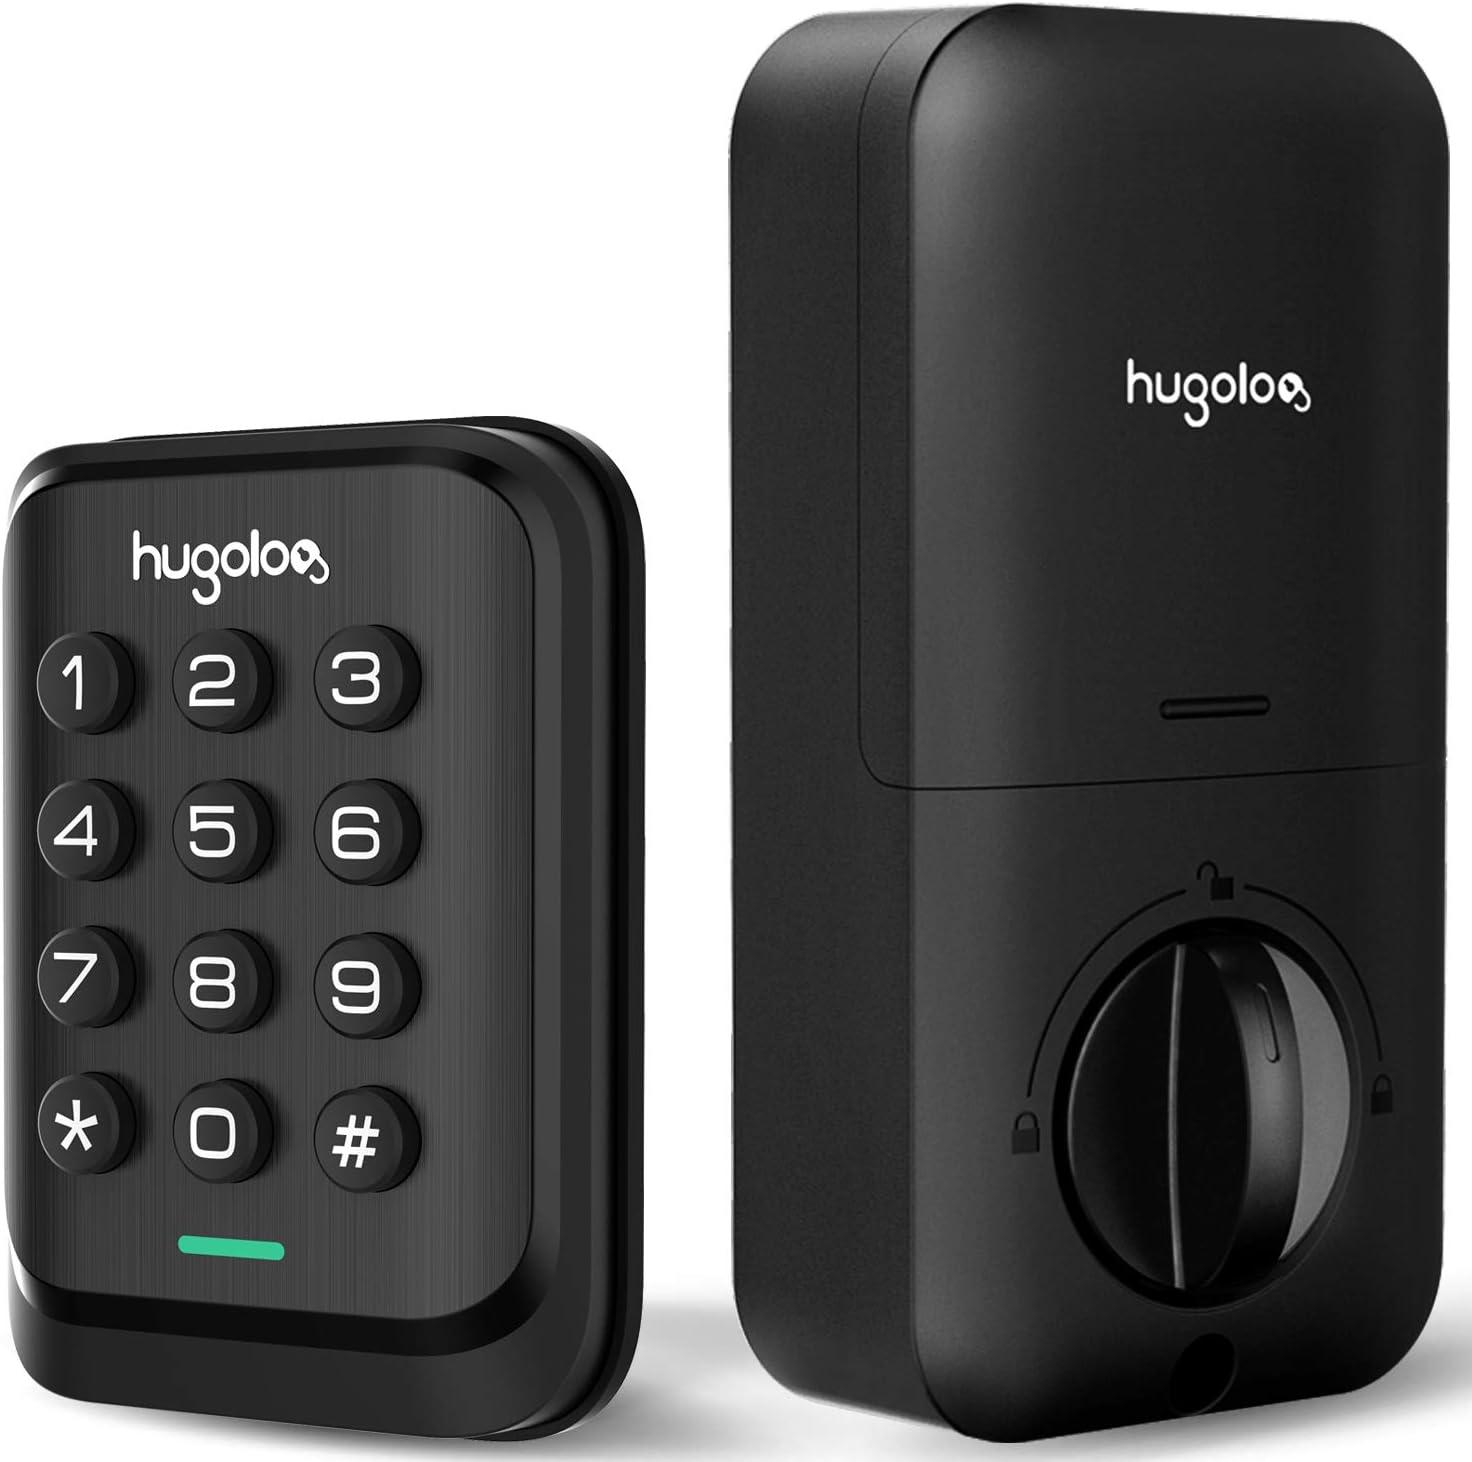 Keyless Entry Door Lock, HUGOLOG Electronic Keypad Deadbolt Lock, Auto-Lock, Easy to Install & Program, Battery Backup for Front Door, Garage Door, Back & Side Door, Bedroom Door, Black